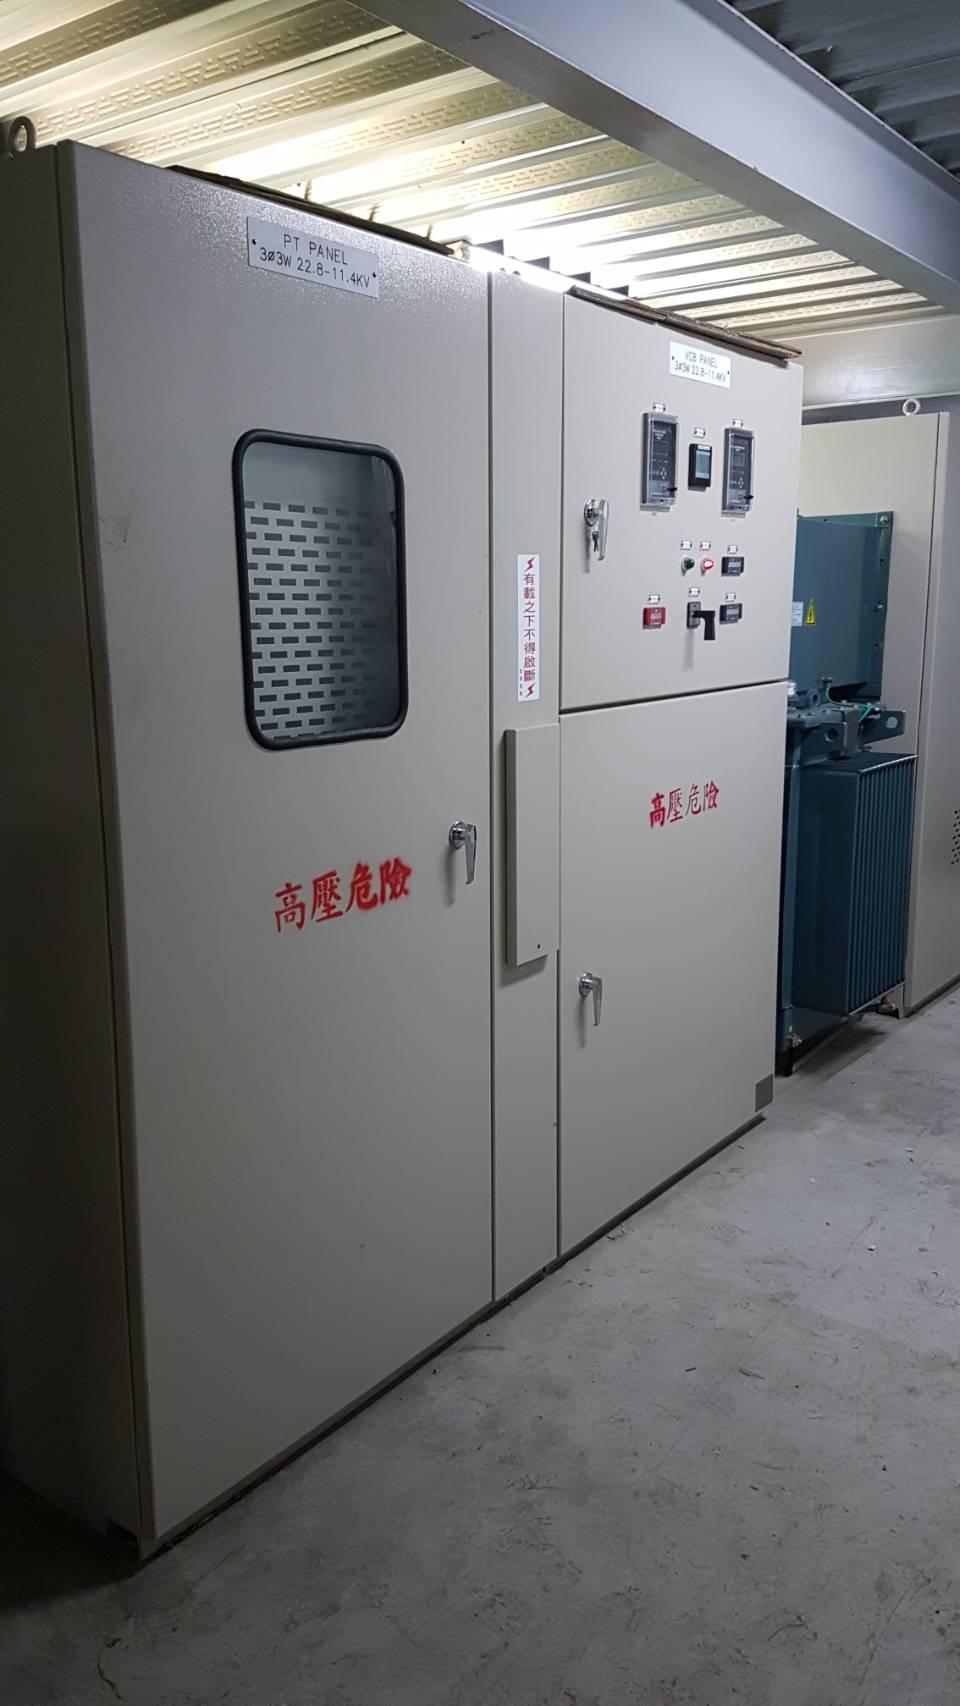 台灣鍍膜科技股份有限公司電力設備建置實績